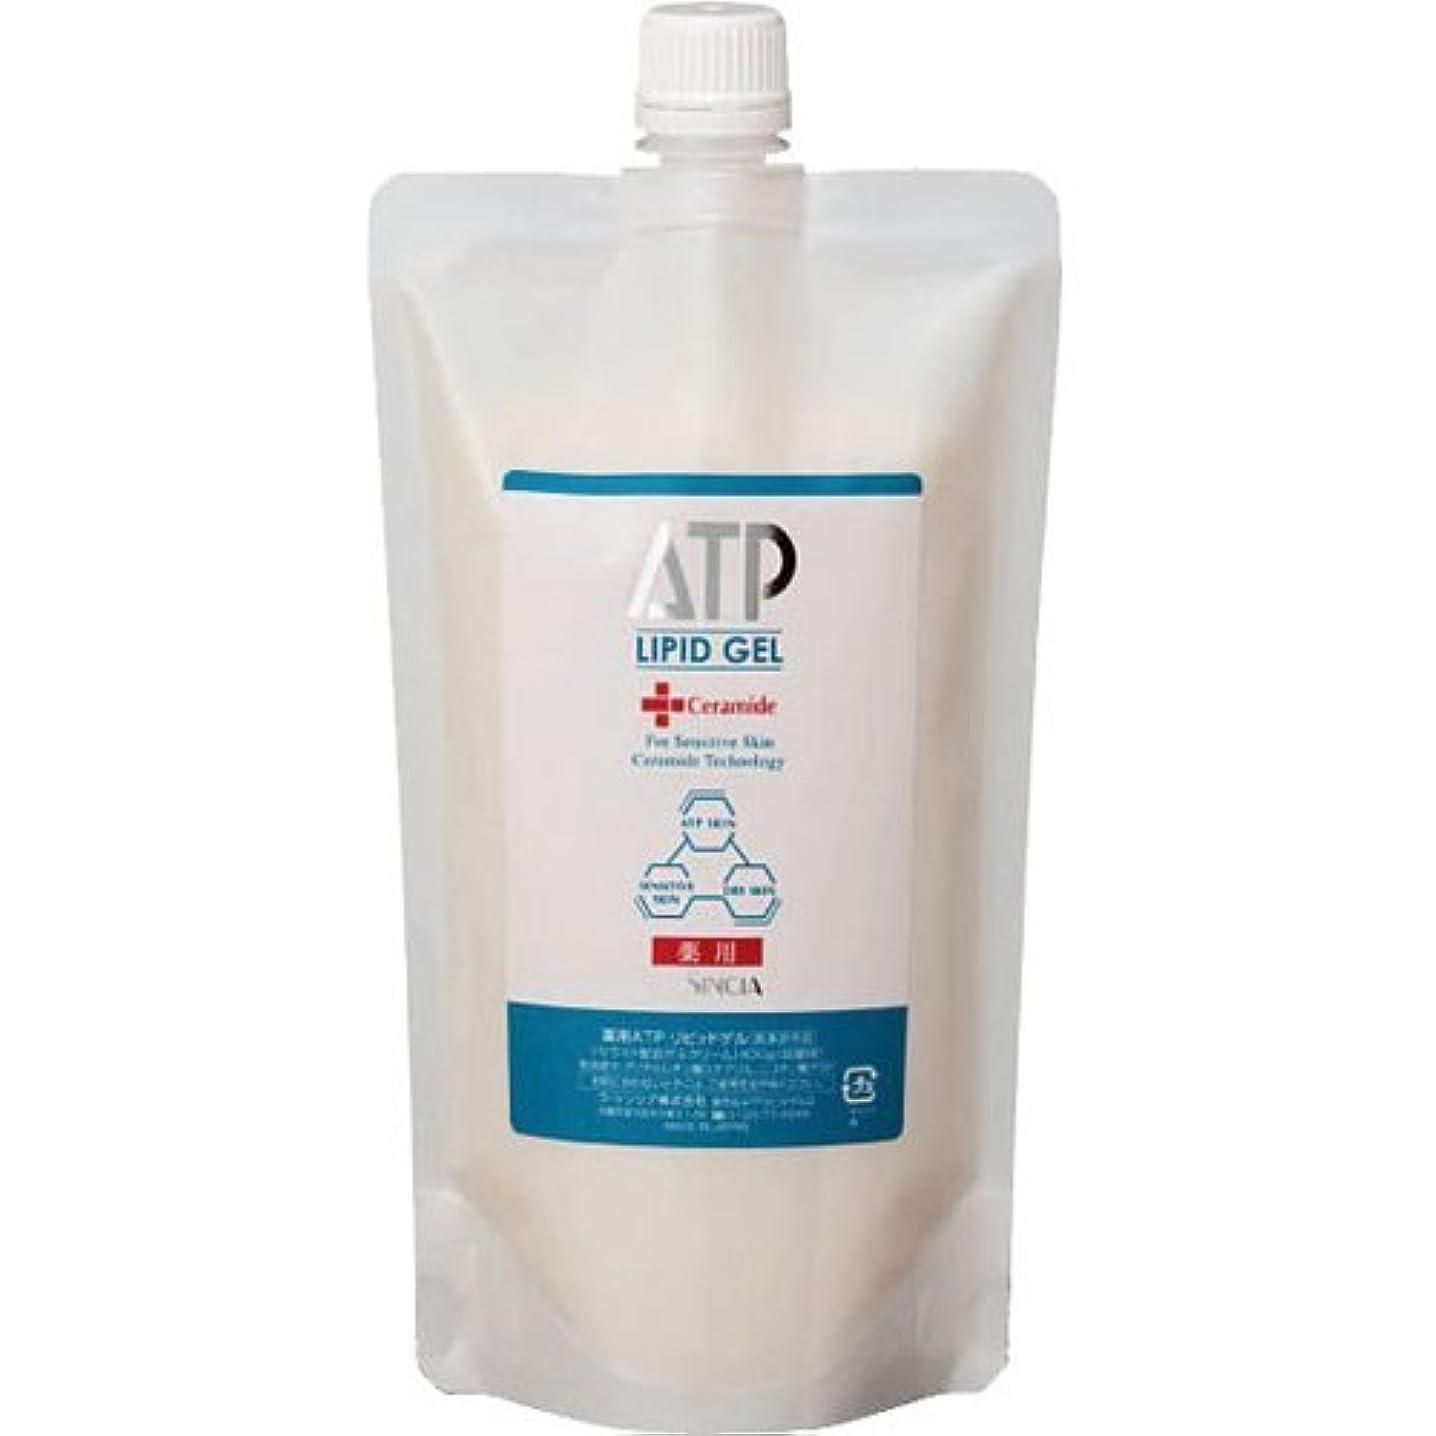 ニュース飢饉くそーラシンシア 薬用ATPリピッドゲル 400g(詰替用) 【セラミド配合ゲルクリーム】